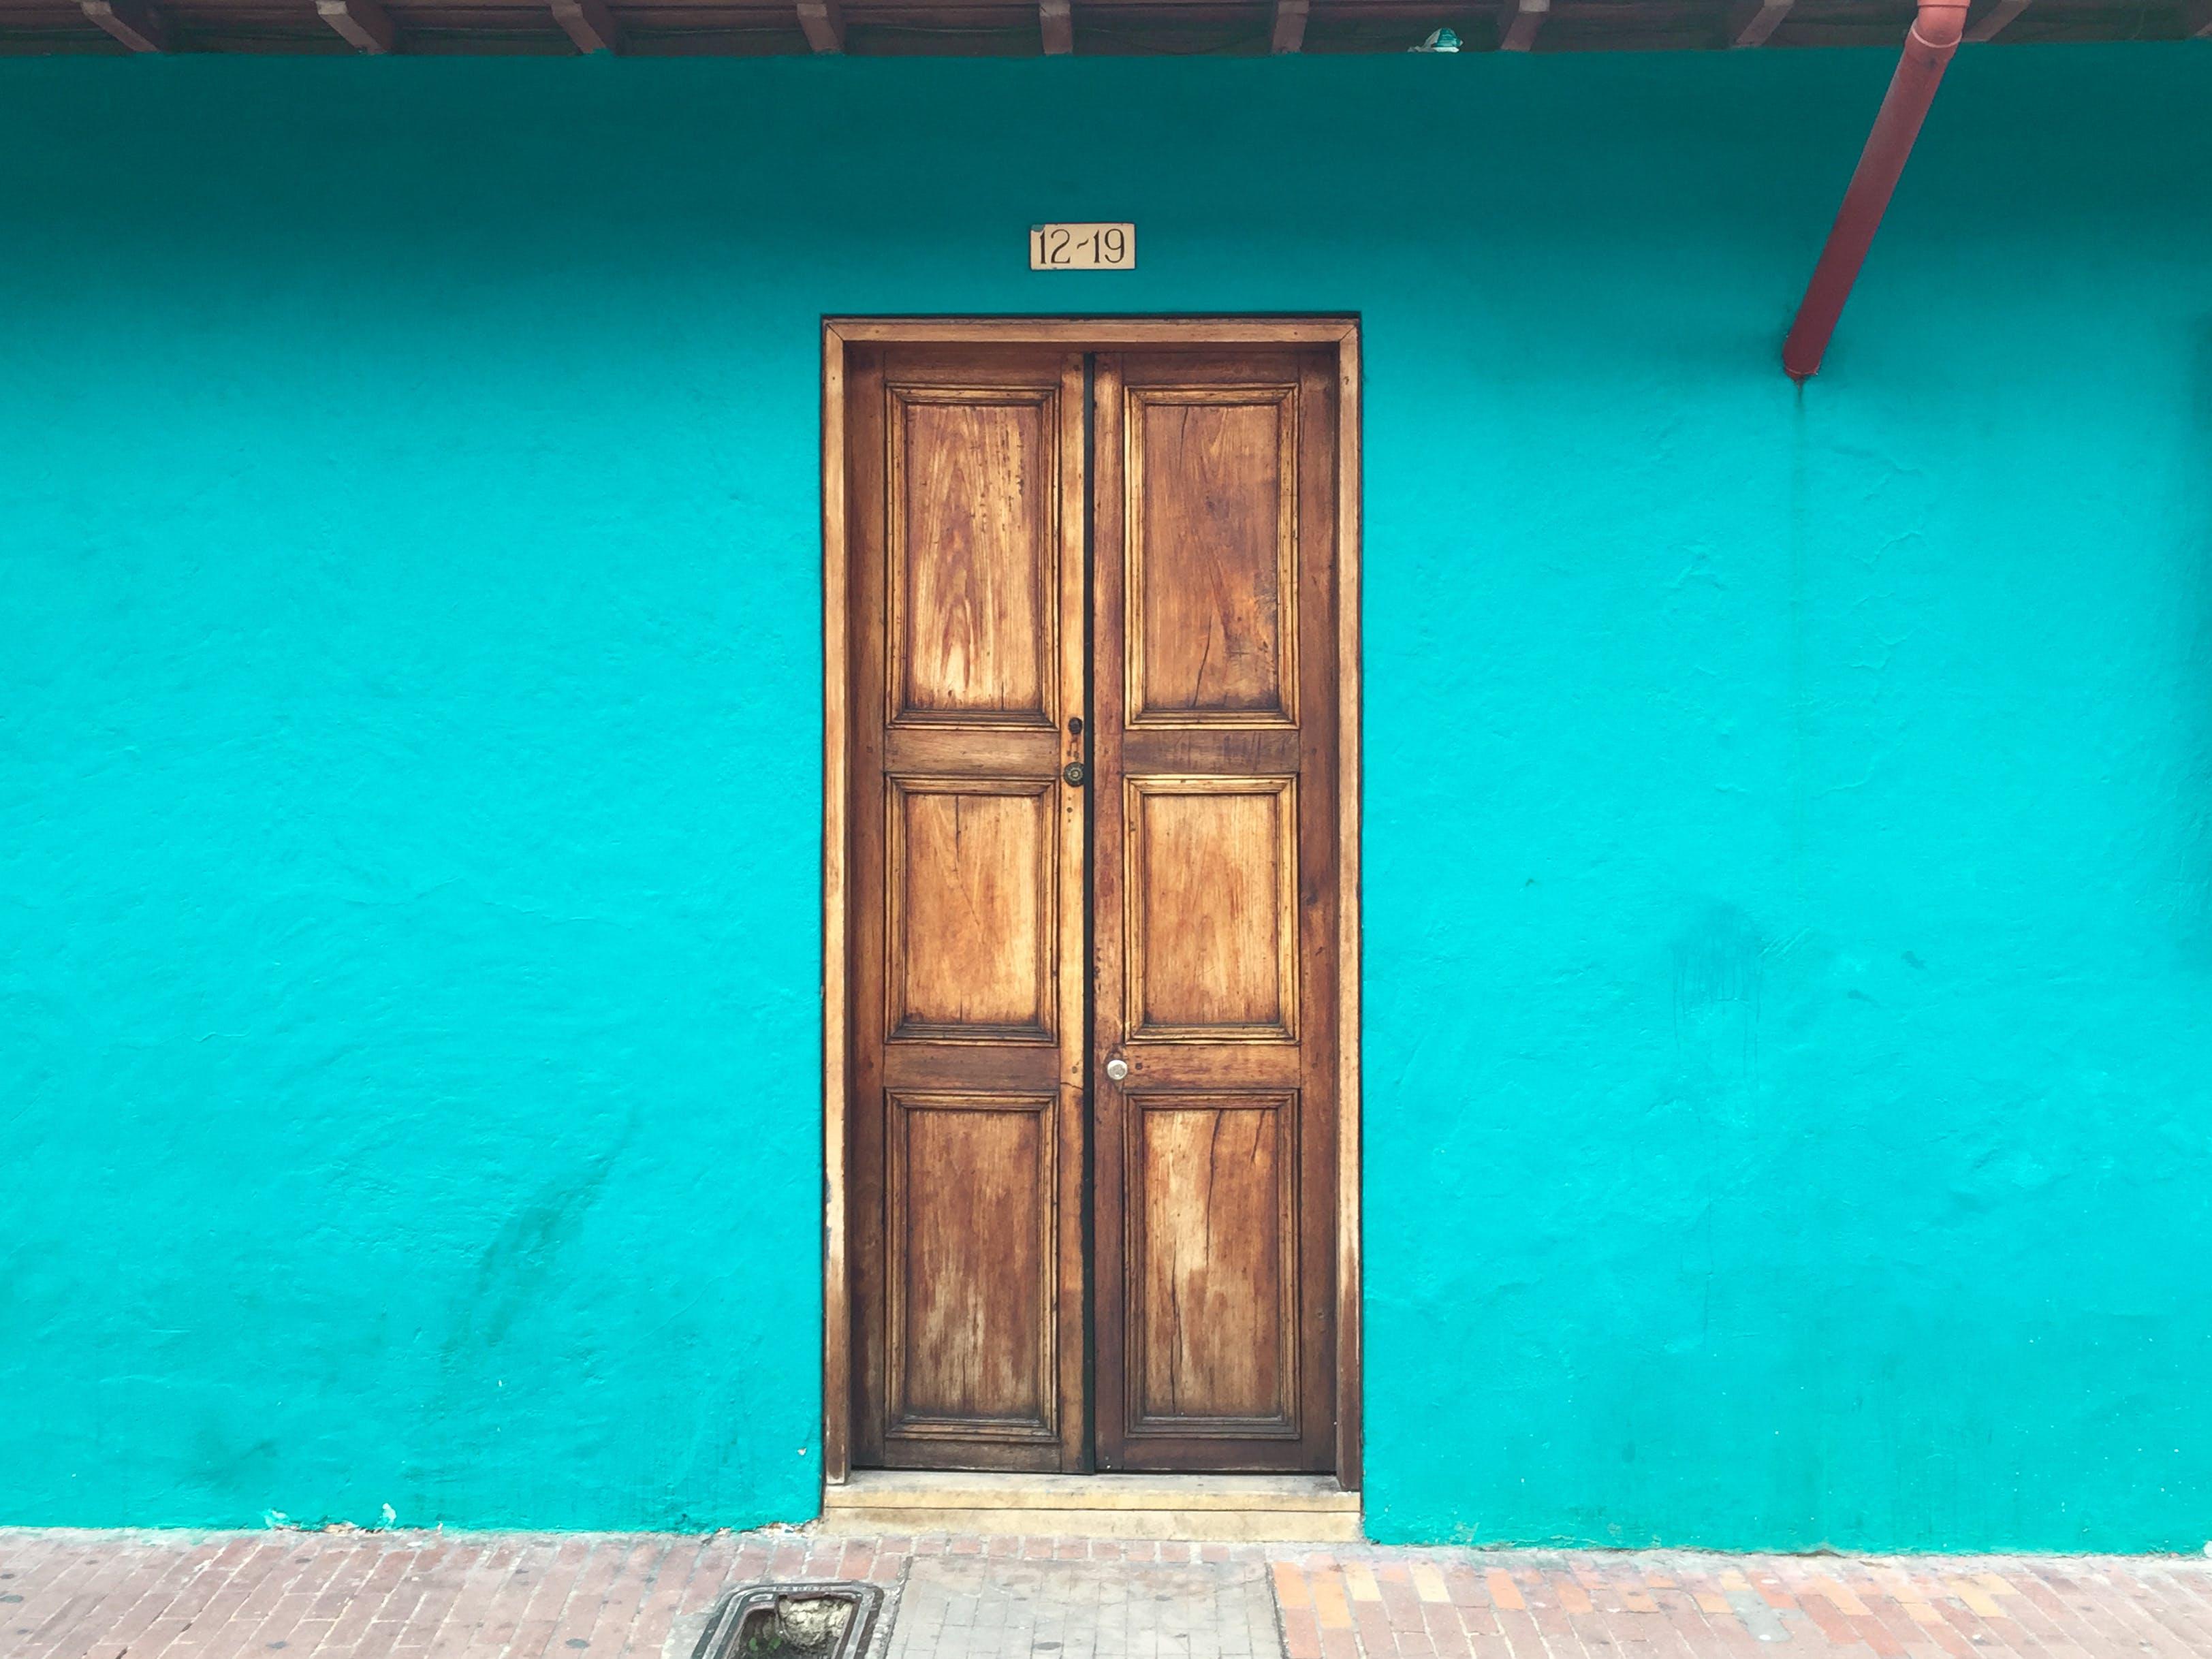 Free stock photo of door, wooden, minimalist, doors